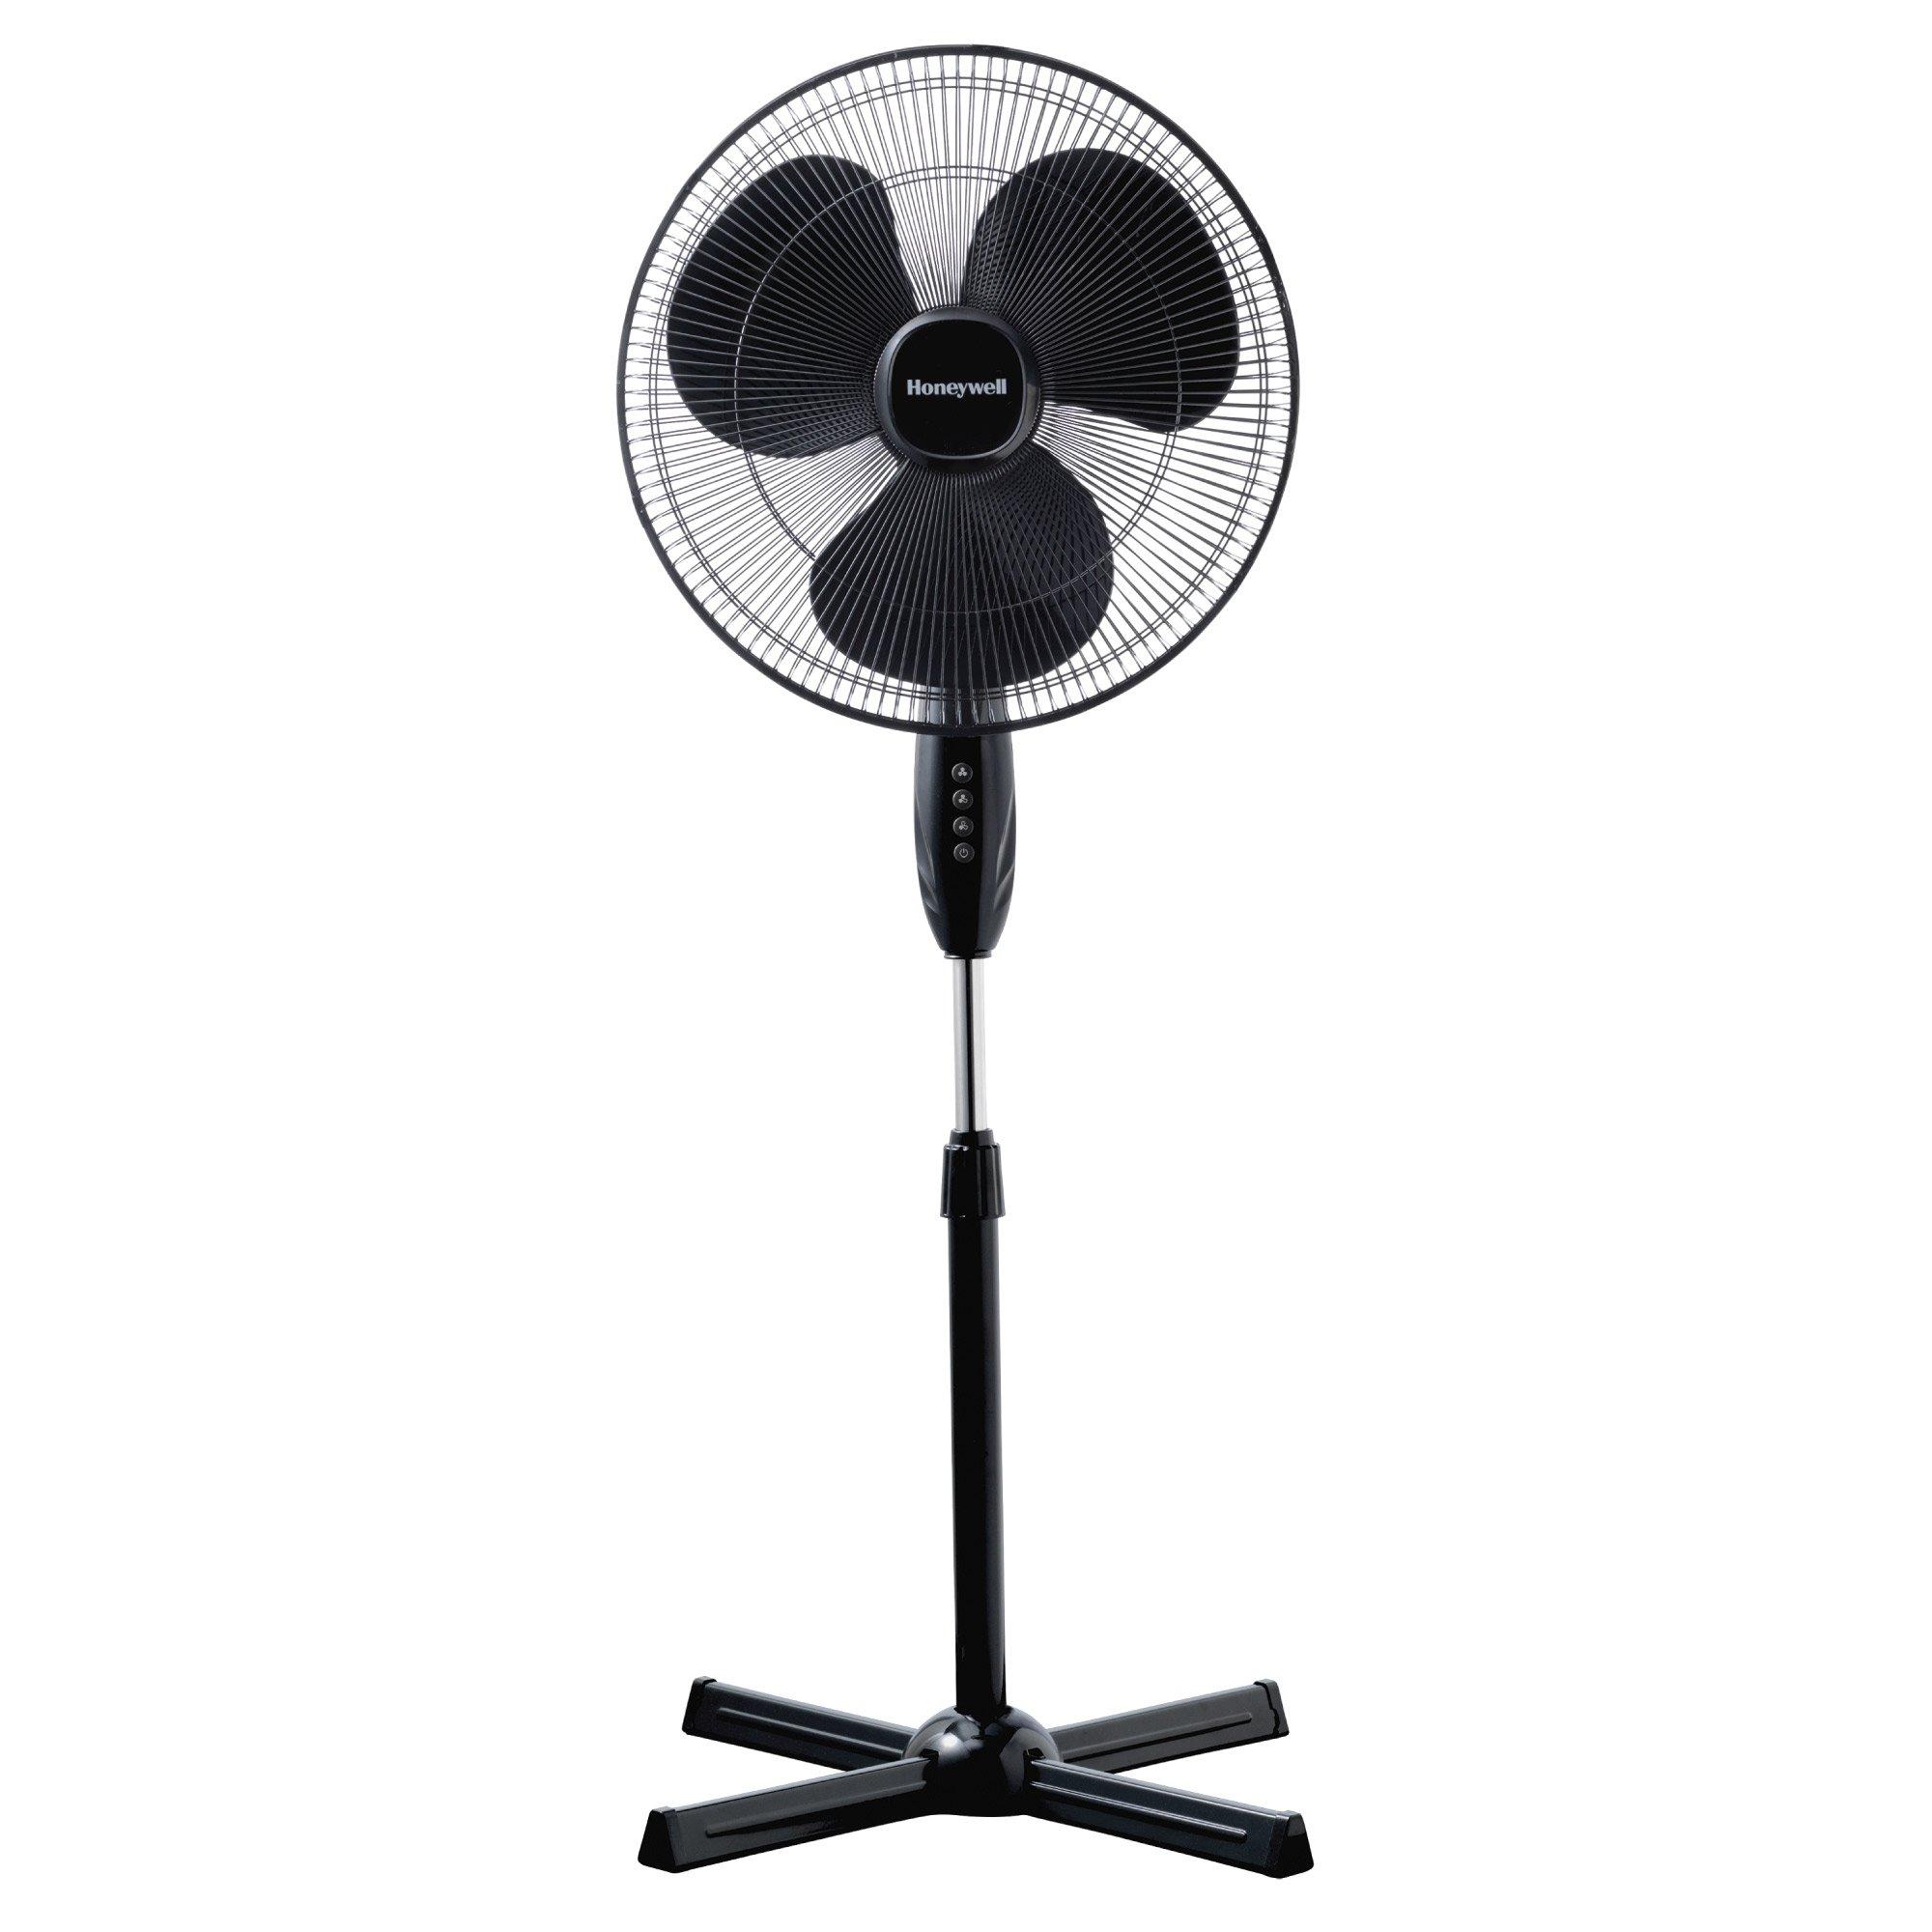 Ventilator cu picior Honeywell HSF1630E, 3 viteze, inaltime reglabila 110 - 122 cm, Negru imagine